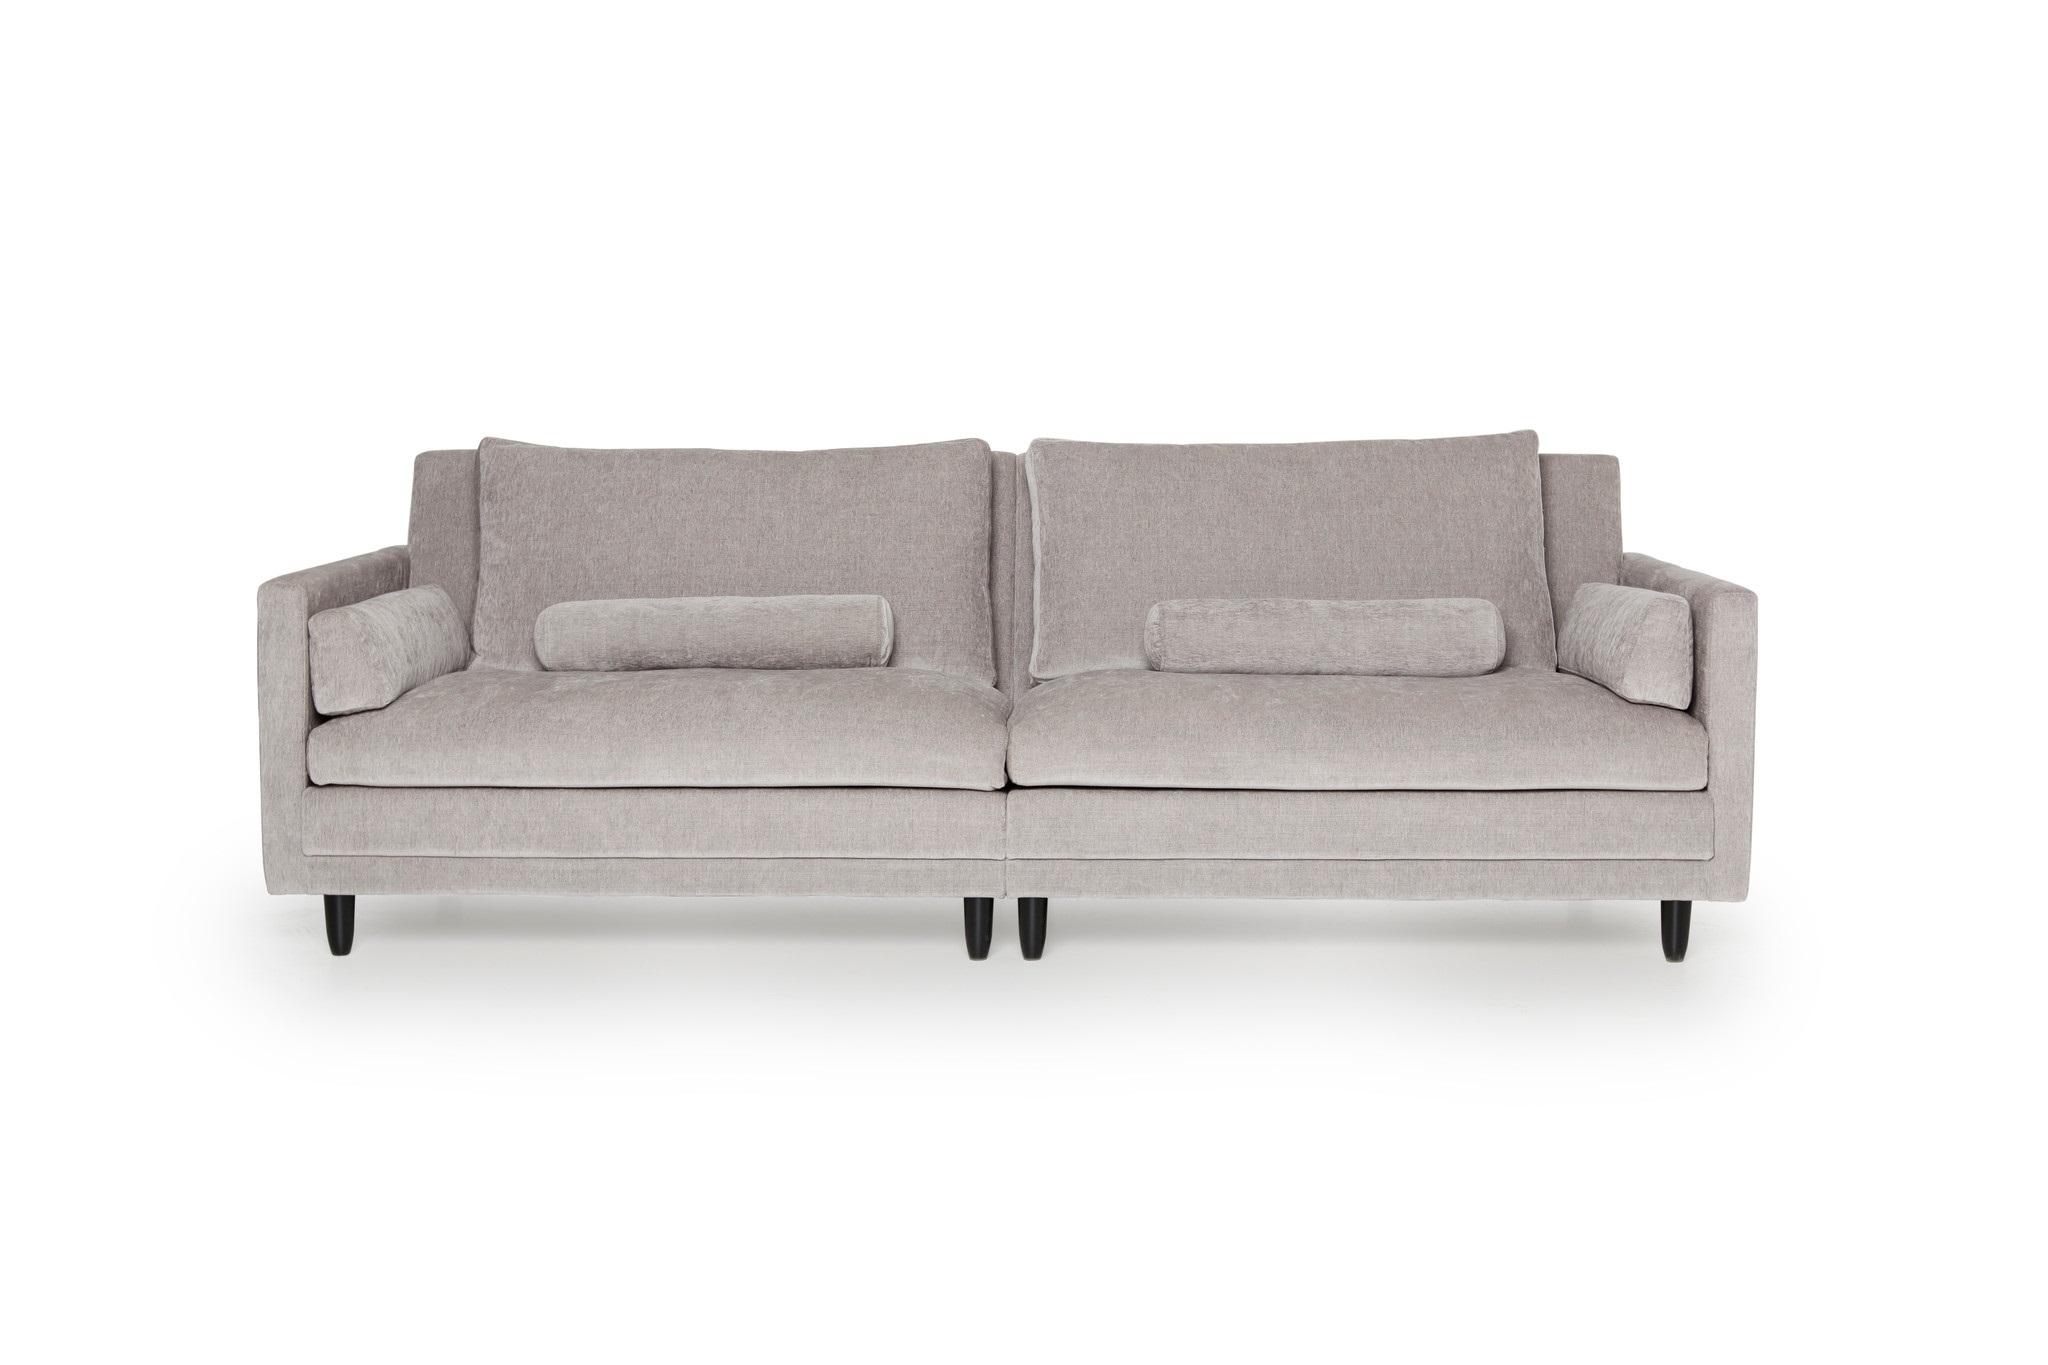 Диван БодоТрехместные диваны<br>Диван Бодо – комфорт и шик для ценителей диванов. Мягкие подушки и эргономичные пропорции подарят незабываемый отдых. А стильный дизайн и благородные ткани будут долгие годы радовать глаз.&amp;amp;nbsp;&amp;lt;div&amp;gt;&amp;lt;br&amp;gt;&amp;lt;/div&amp;gt;&amp;lt;div&amp;gt;Не разбирается. Каркас (комбинации дерева, фанеры и ЛДСП).&amp;amp;nbsp;&amp;lt;/div&amp;gt;&amp;lt;div&amp;gt;Для сидячих подушек используют пену различной плотности, а также перо и силиконовое волокно.&amp;amp;nbsp;&amp;lt;/div&amp;gt;&amp;lt;div&amp;gt;Для задних подушек есть пять видов наполнения: пена, измельченая пена, пена высокой эластичности, силиконовые волокно.&amp;amp;nbsp;&amp;lt;/div&amp;gt;&amp;lt;div&amp;gt;Материал обивки: Can 3 grey.&amp;amp;nbsp;&amp;lt;/div&amp;gt;<br><br>Material: Текстиль<br>Ширина см: 256<br>Высота см: 86<br>Глубина см: 101